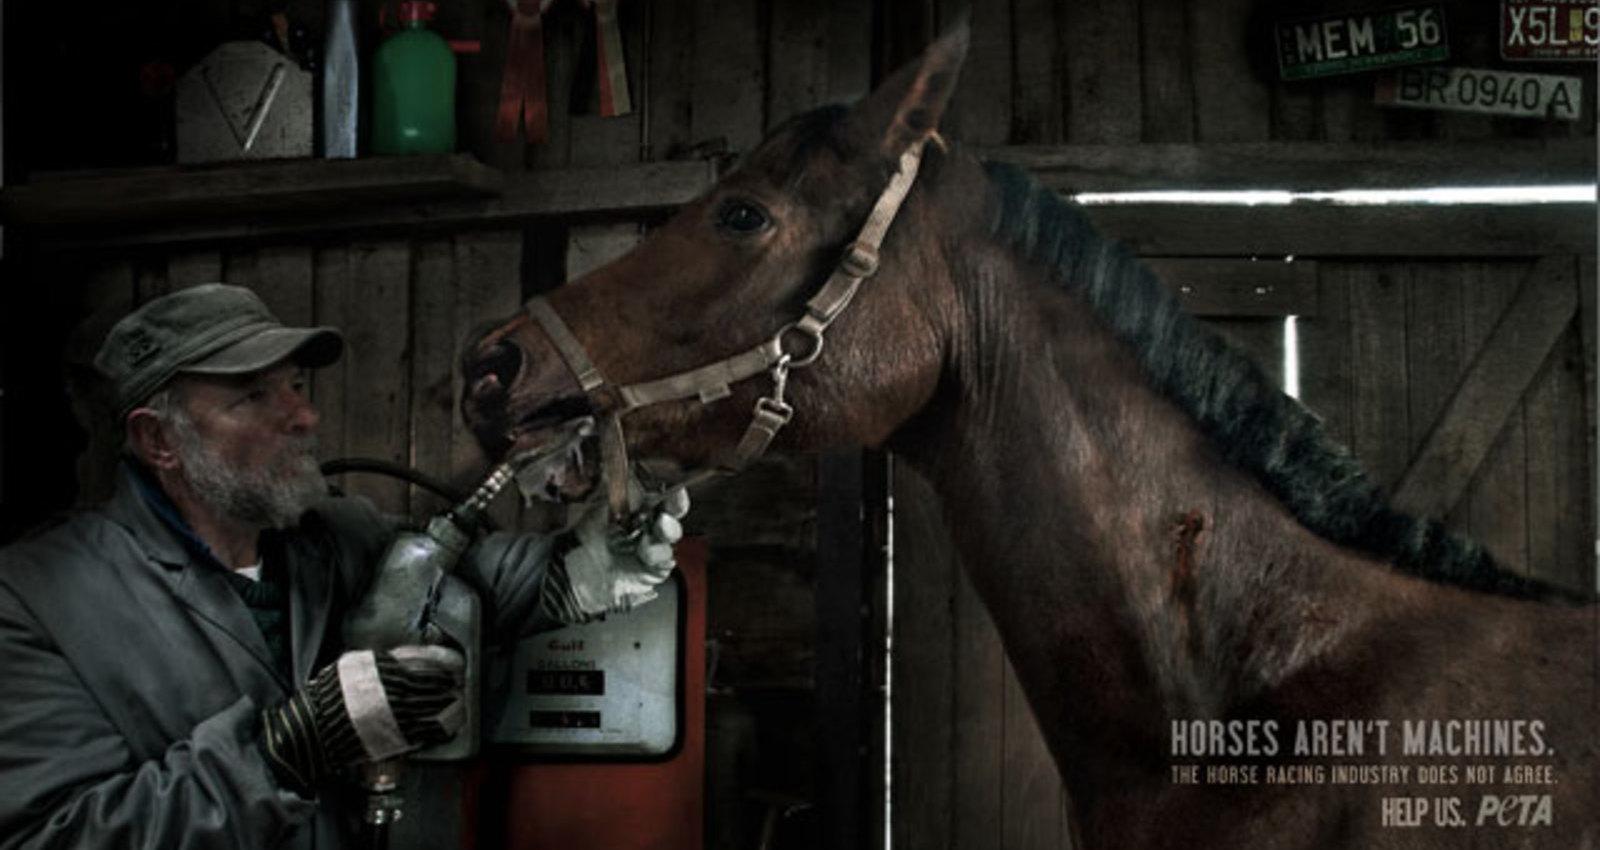 horses aren't machines